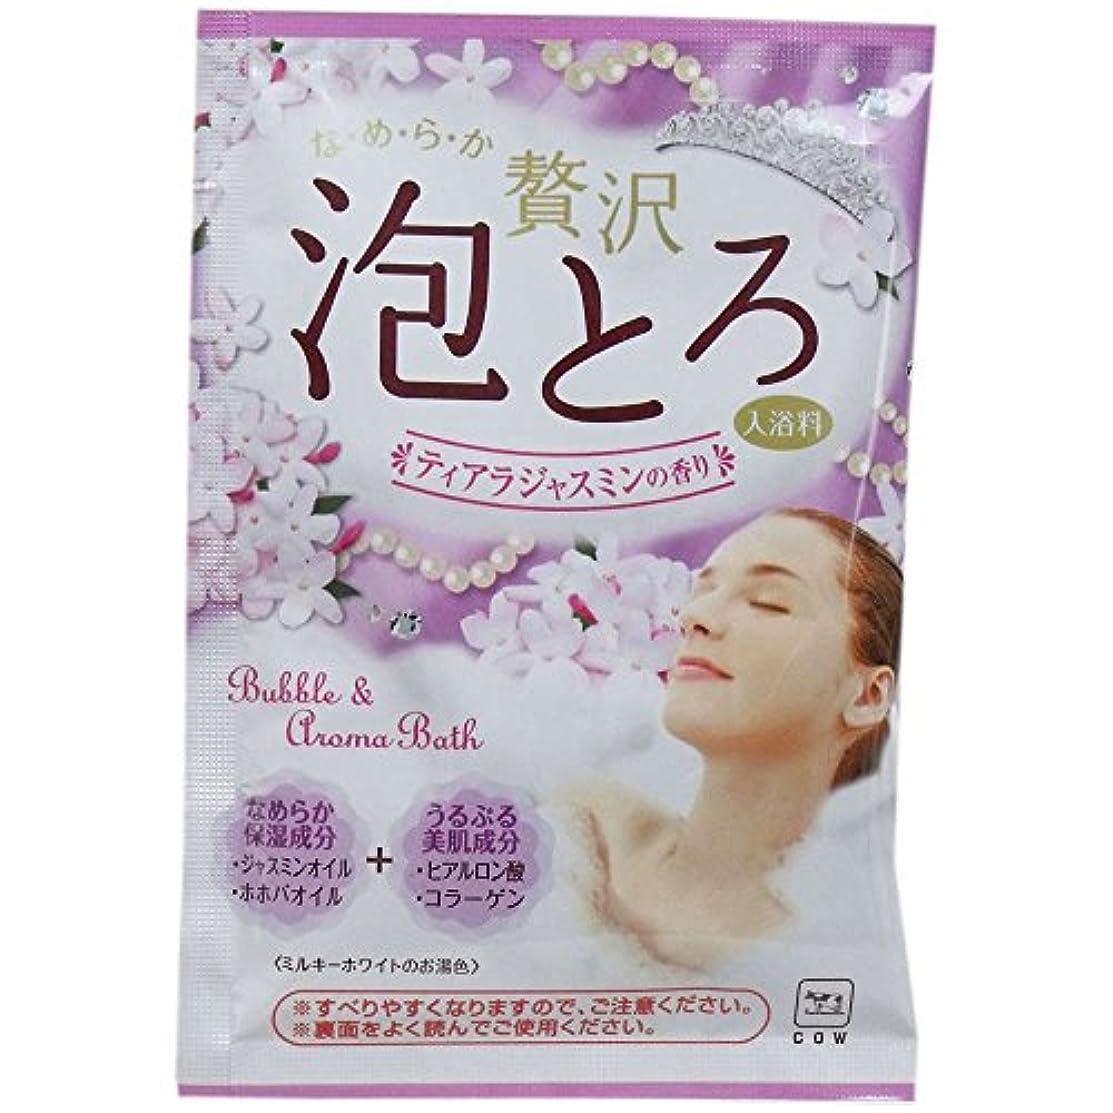 家回路メイト牛乳石鹸共進社 贅沢泡とろ 入浴料 ティアラジャスミンの香り 30g